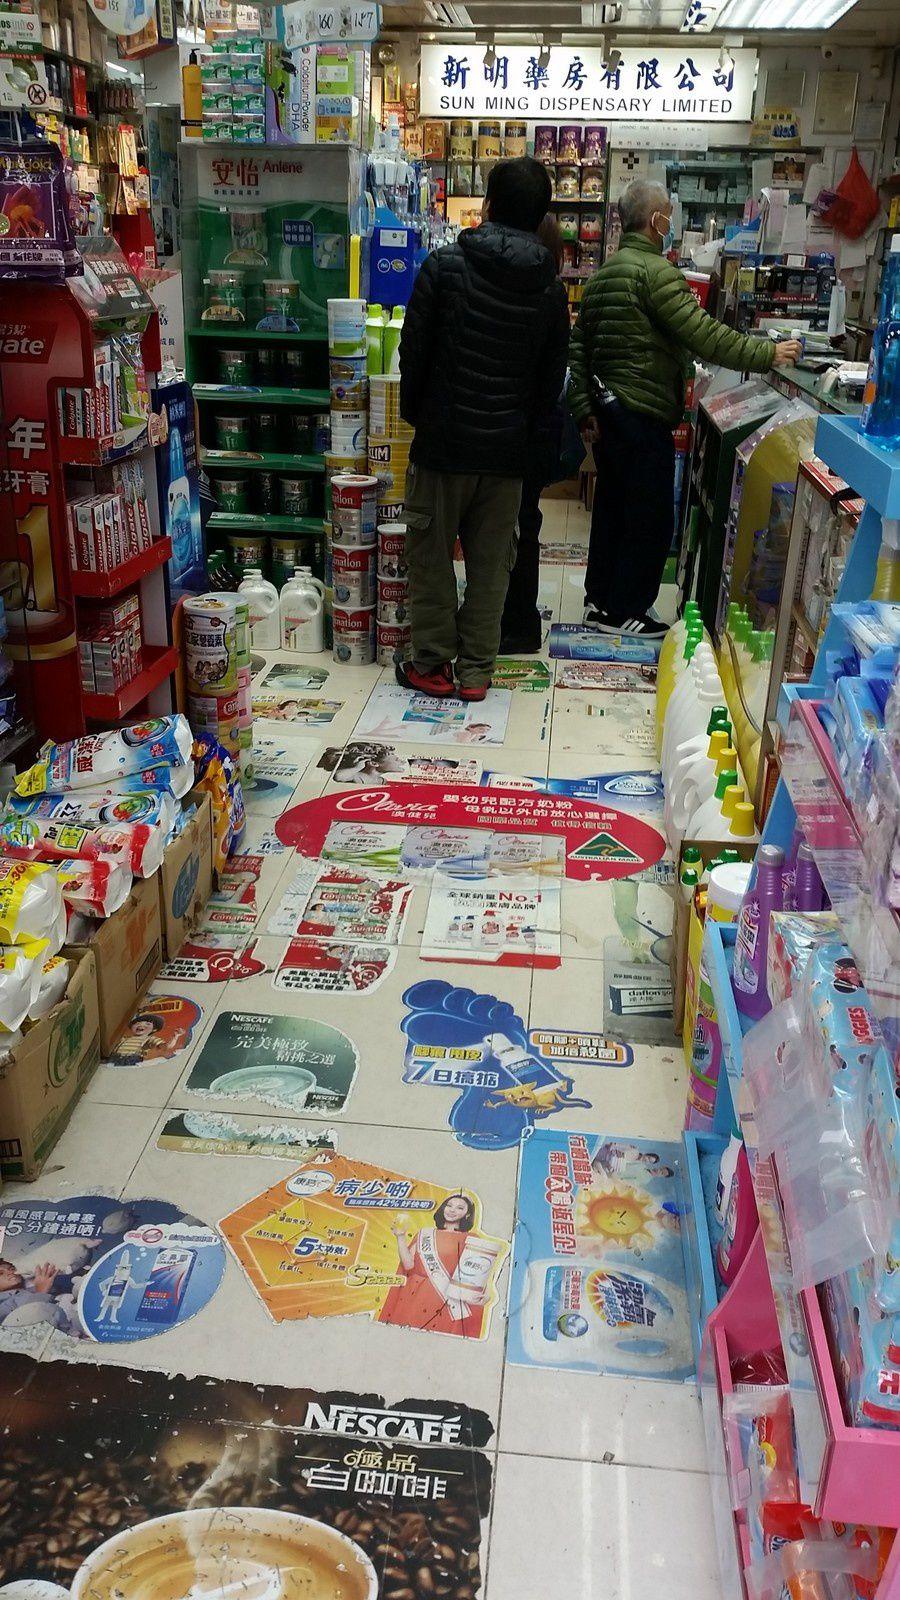 Quand les commerçants chinois ressemblent à des sites de e-commerce.